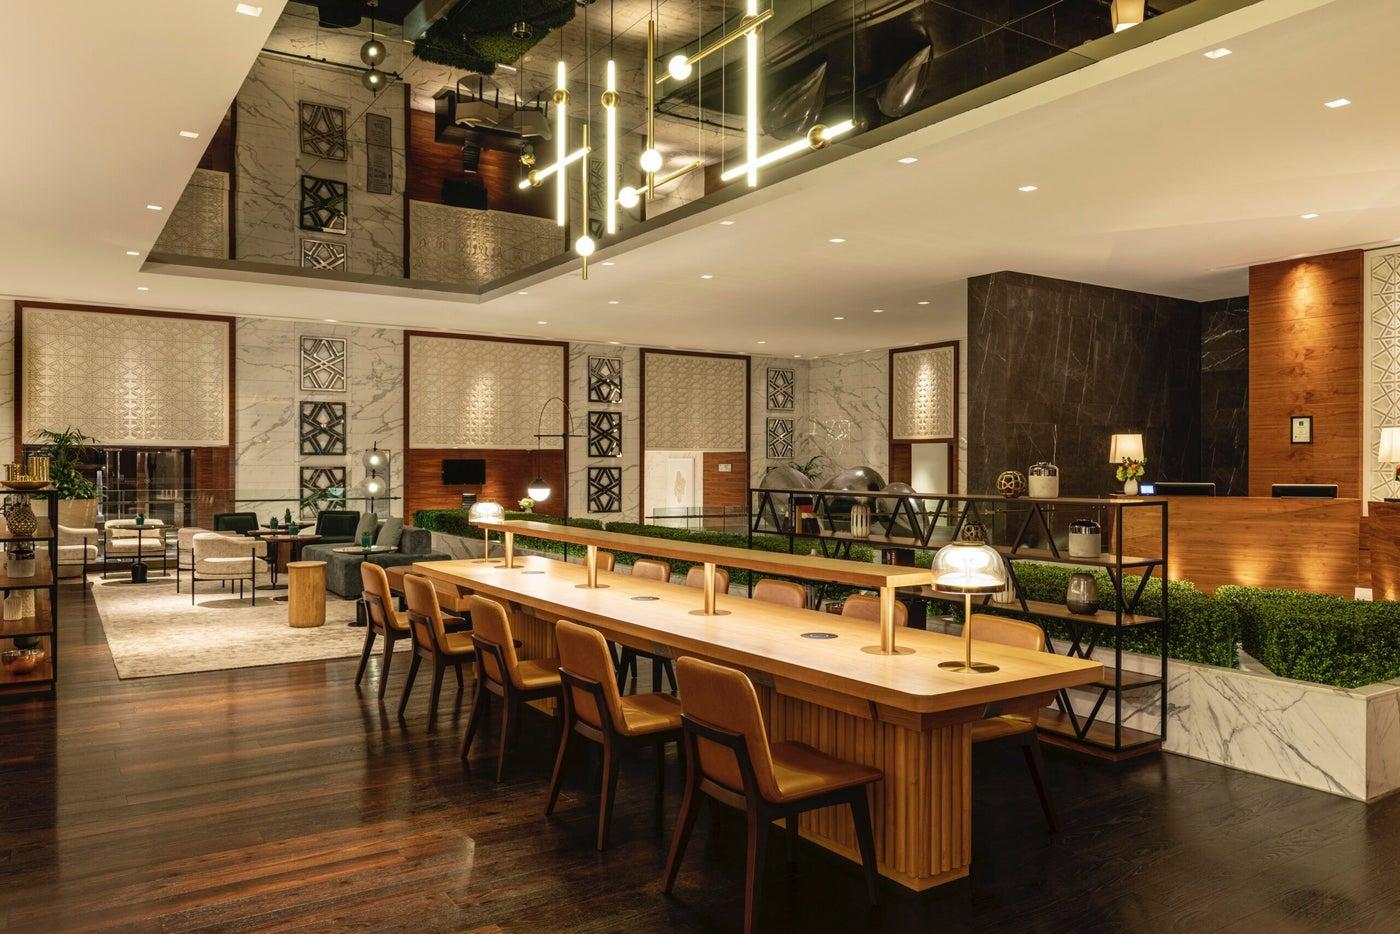 シェラトンのホテルコンセプト・デザインが一新されました